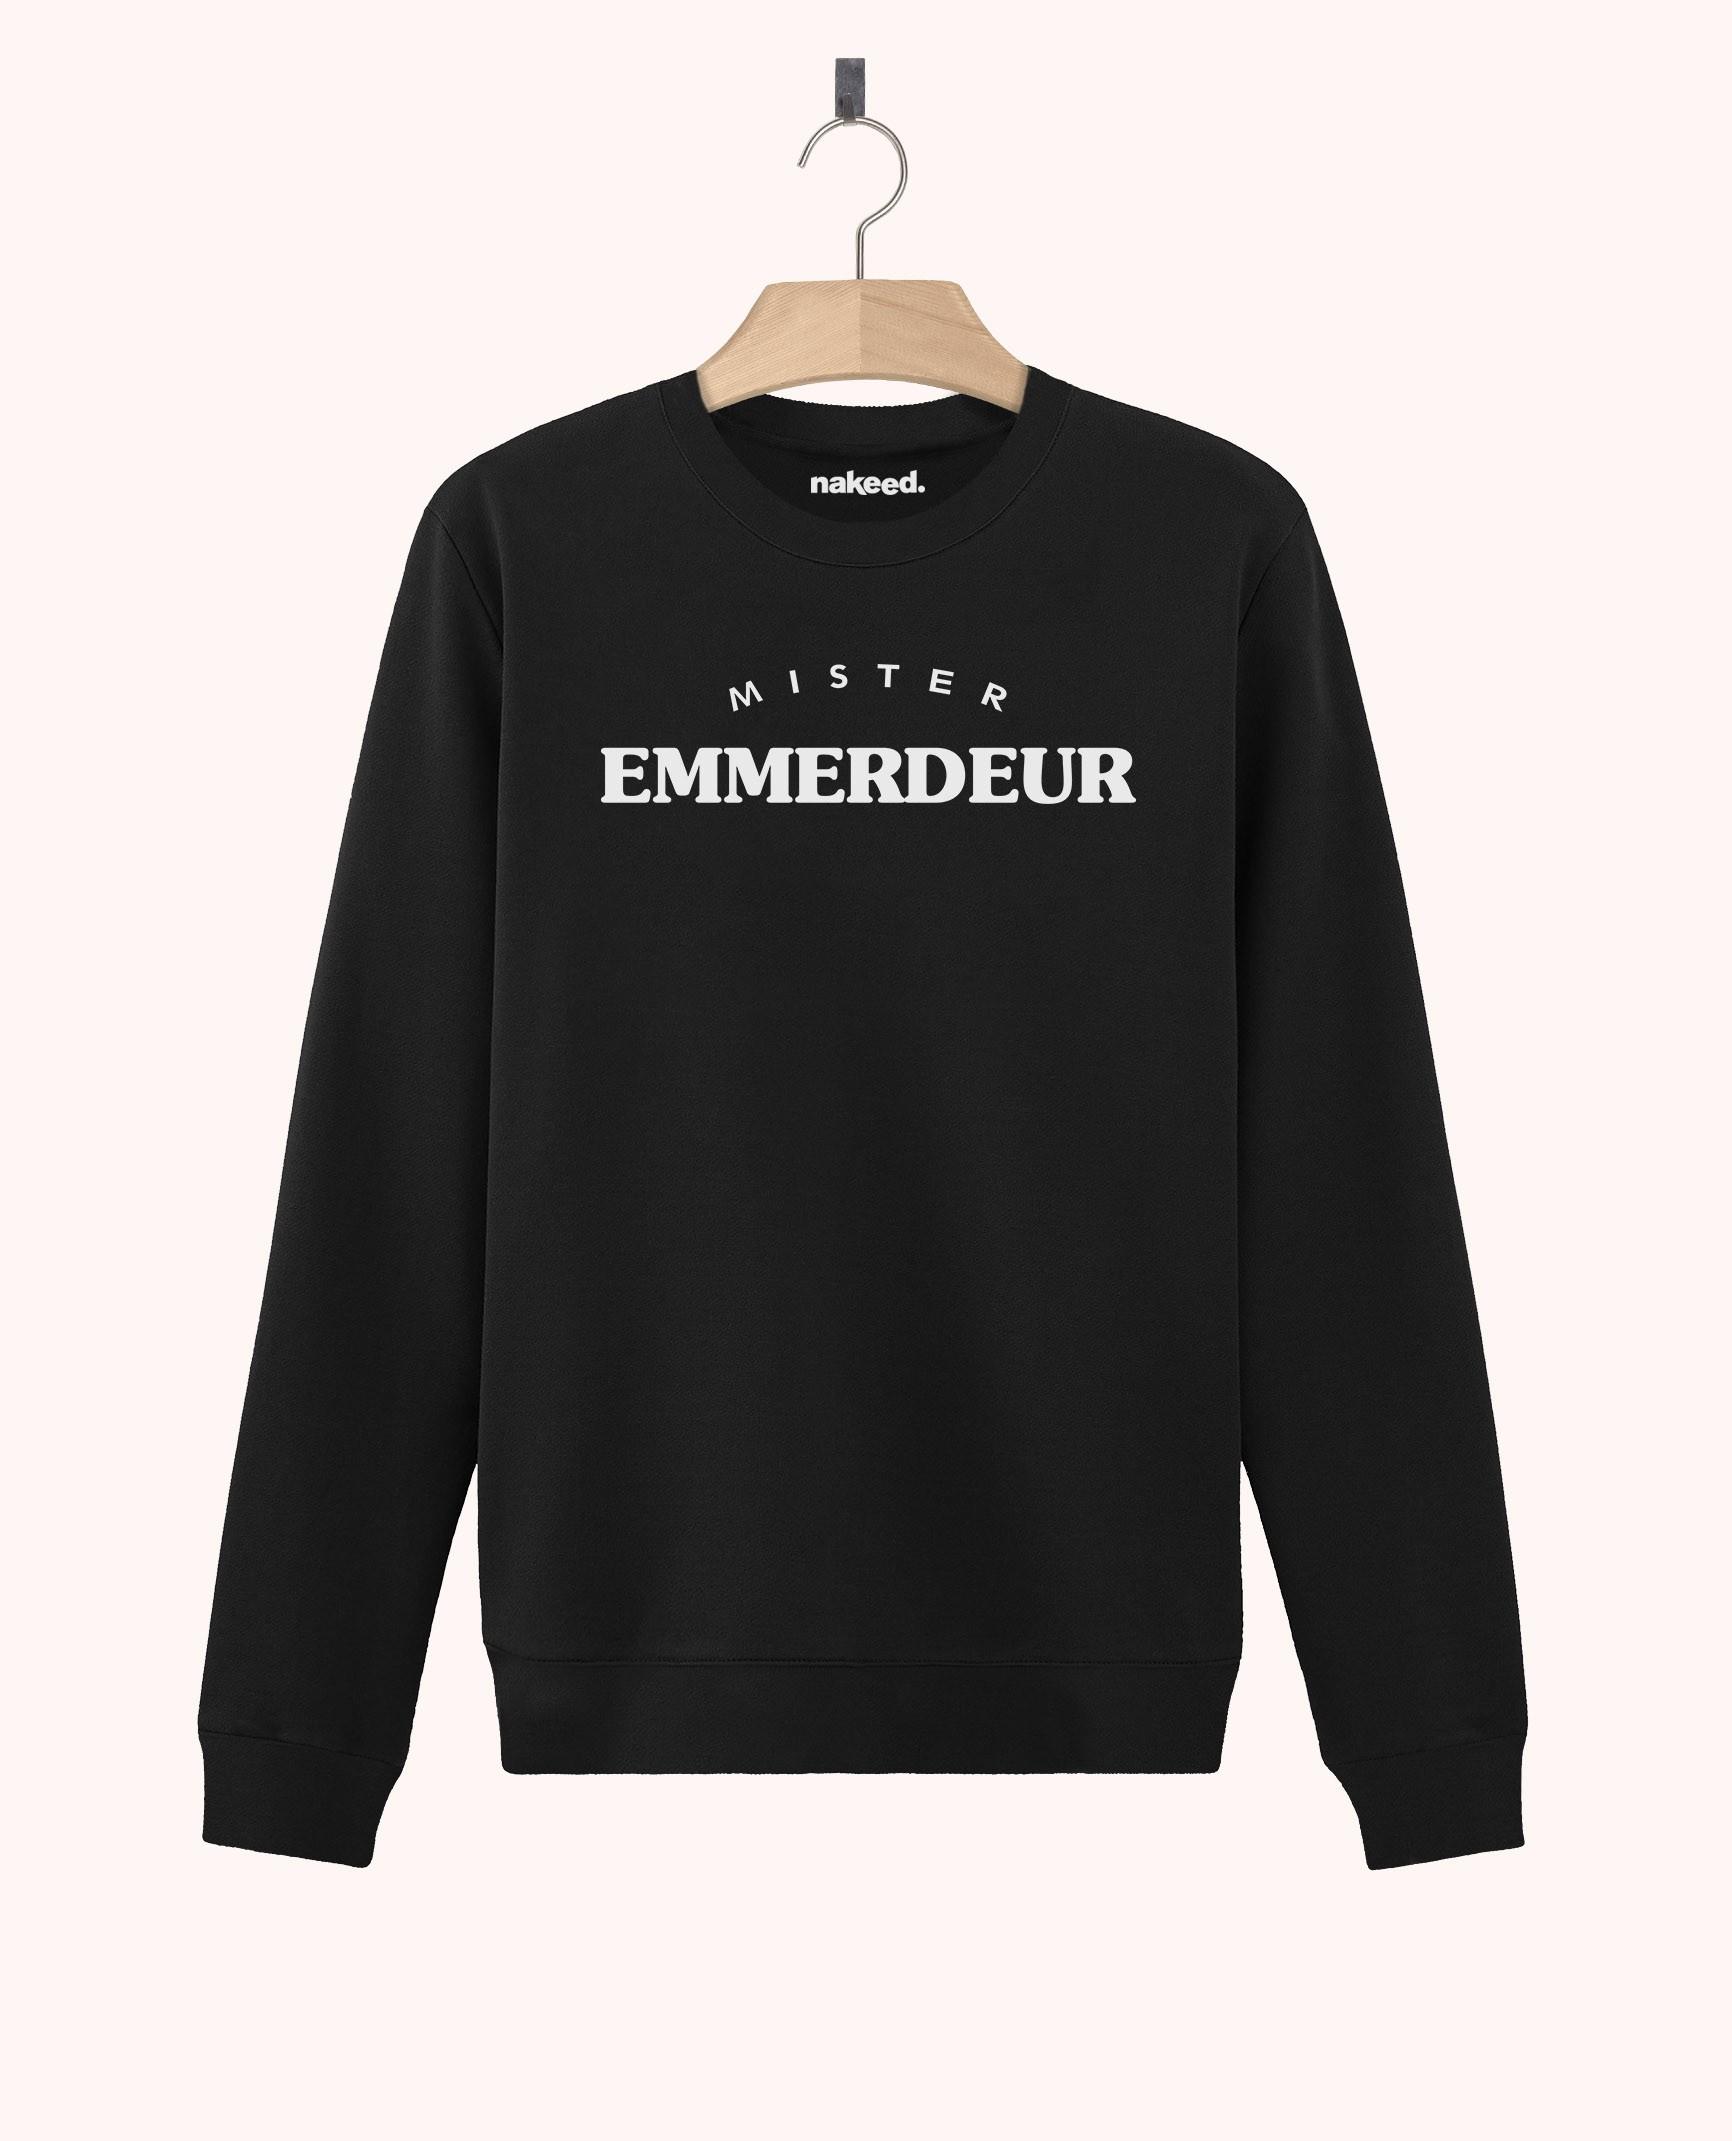 Sweatshirt Mister Emmerdeur